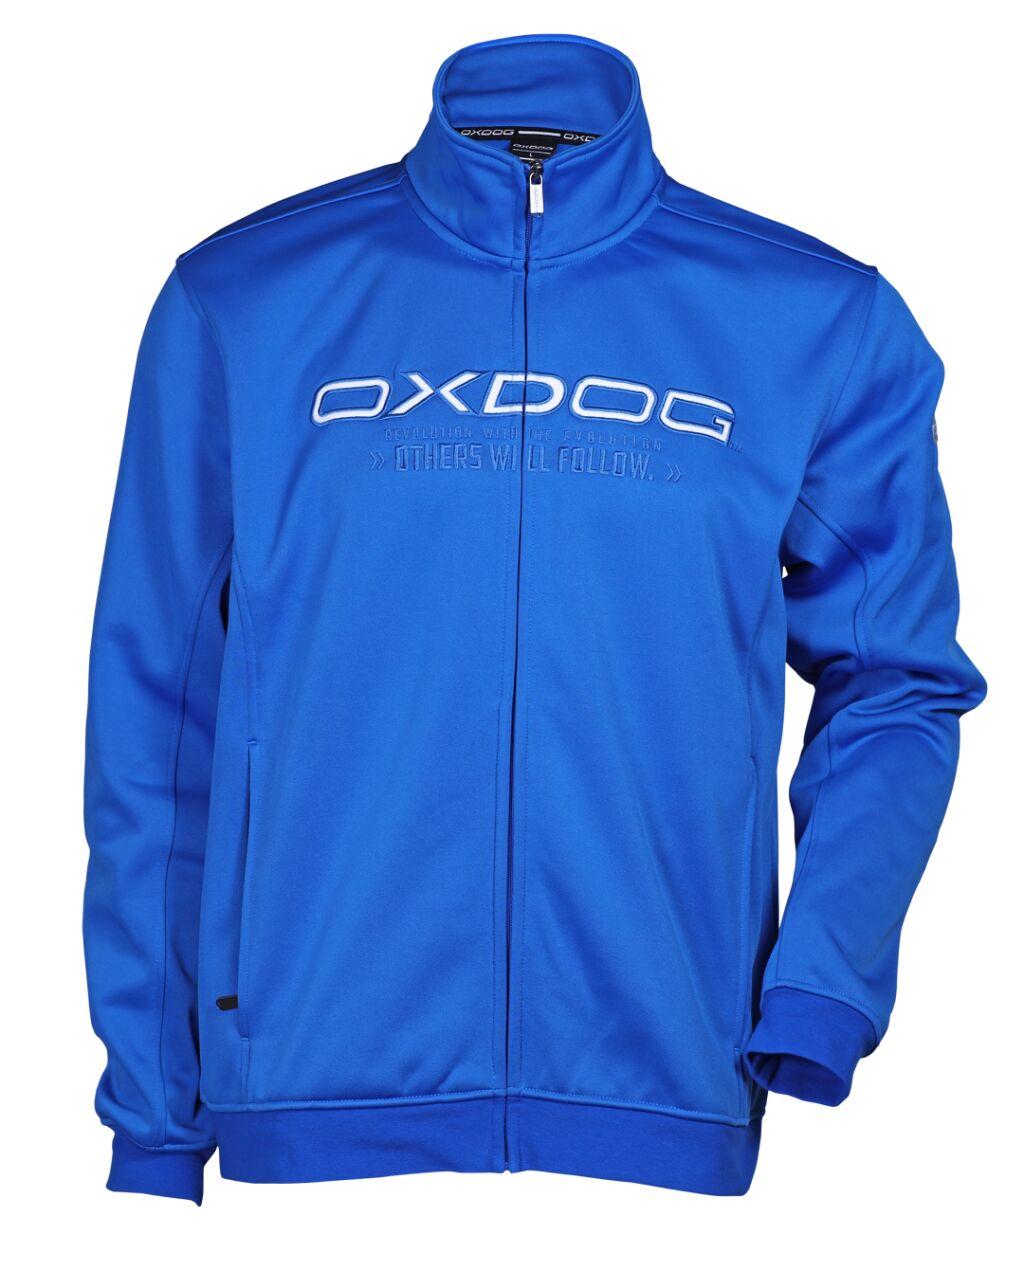 Oxdog Donnington jacket